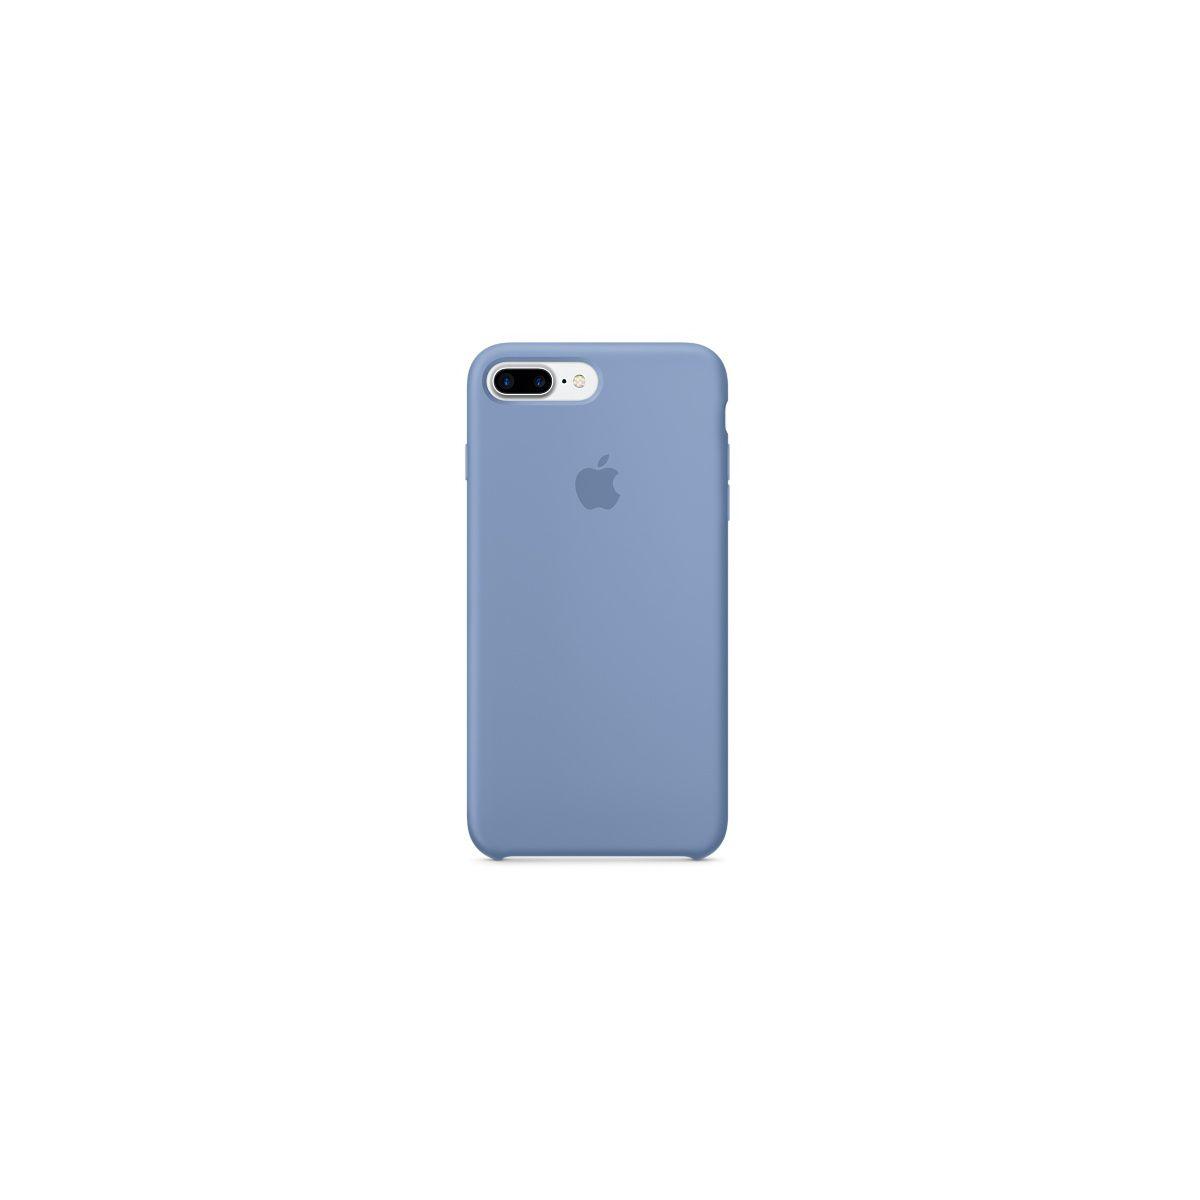 Coque APPLE iPhone 7 Plus Silicone Azur (photo)